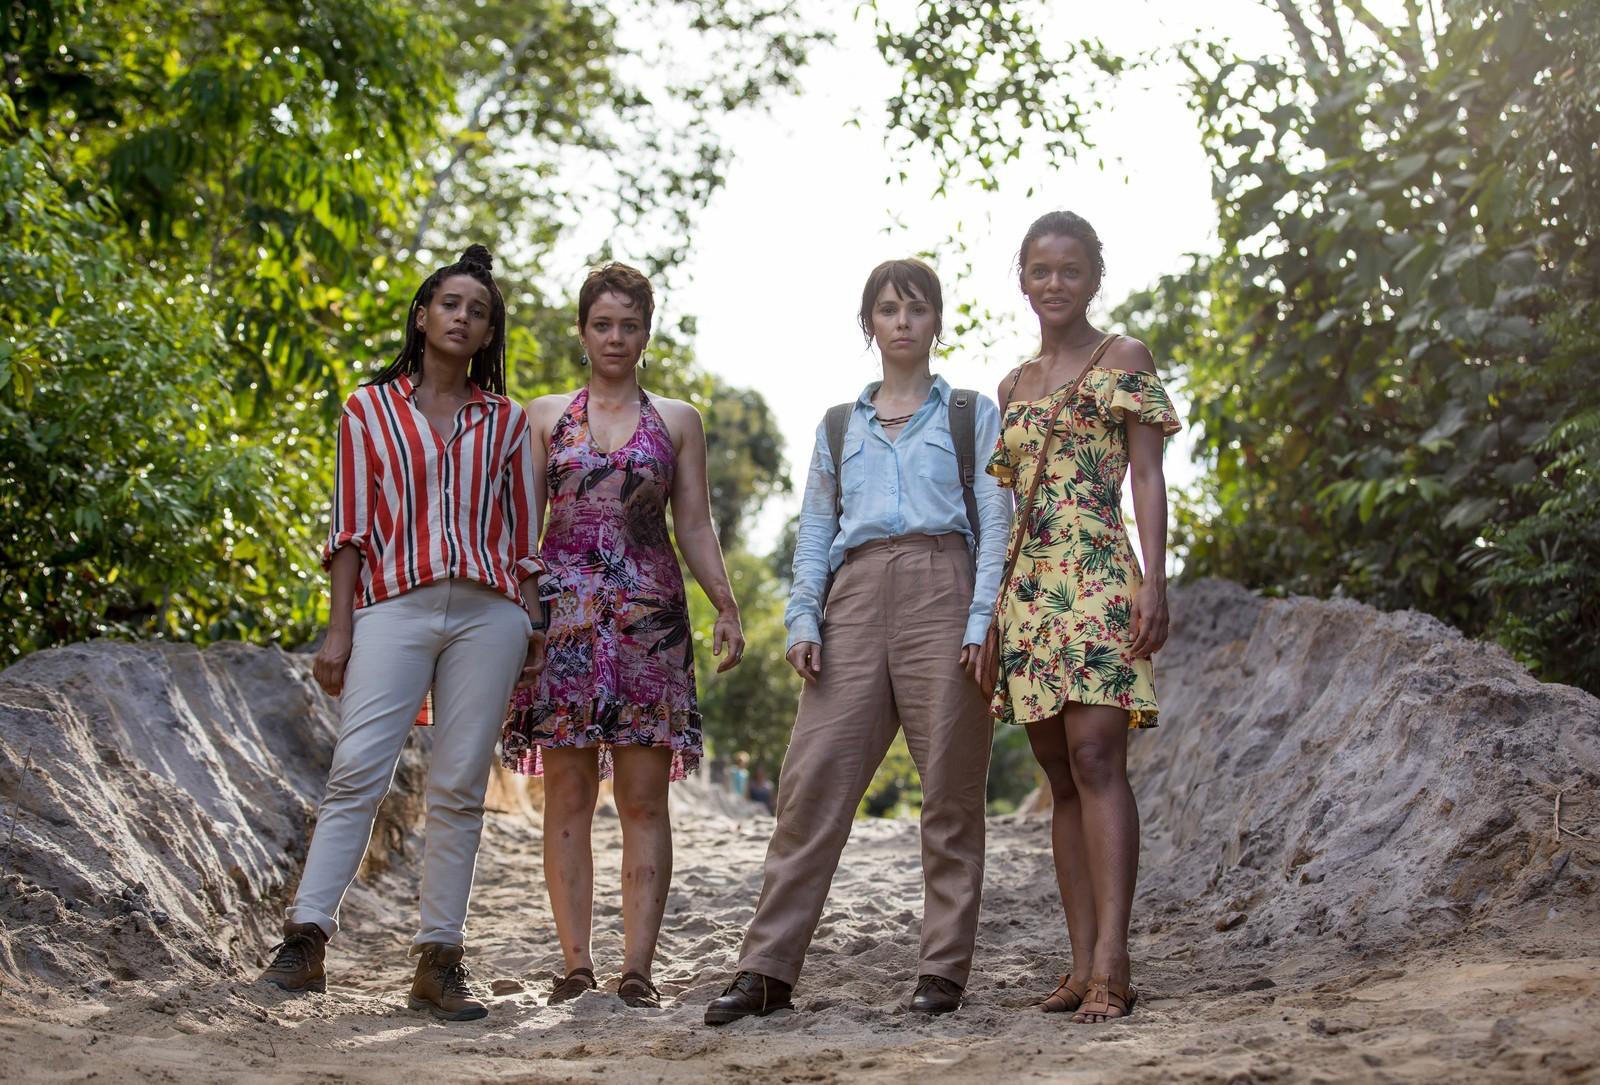 Taís, Leandra Débora, e Thainá nas gravações de Aruanas: gravações na Amazônia com equipe com quase 50% de mulheres e participação de moradores da região (Foto: Globo/Fabio Rocha)